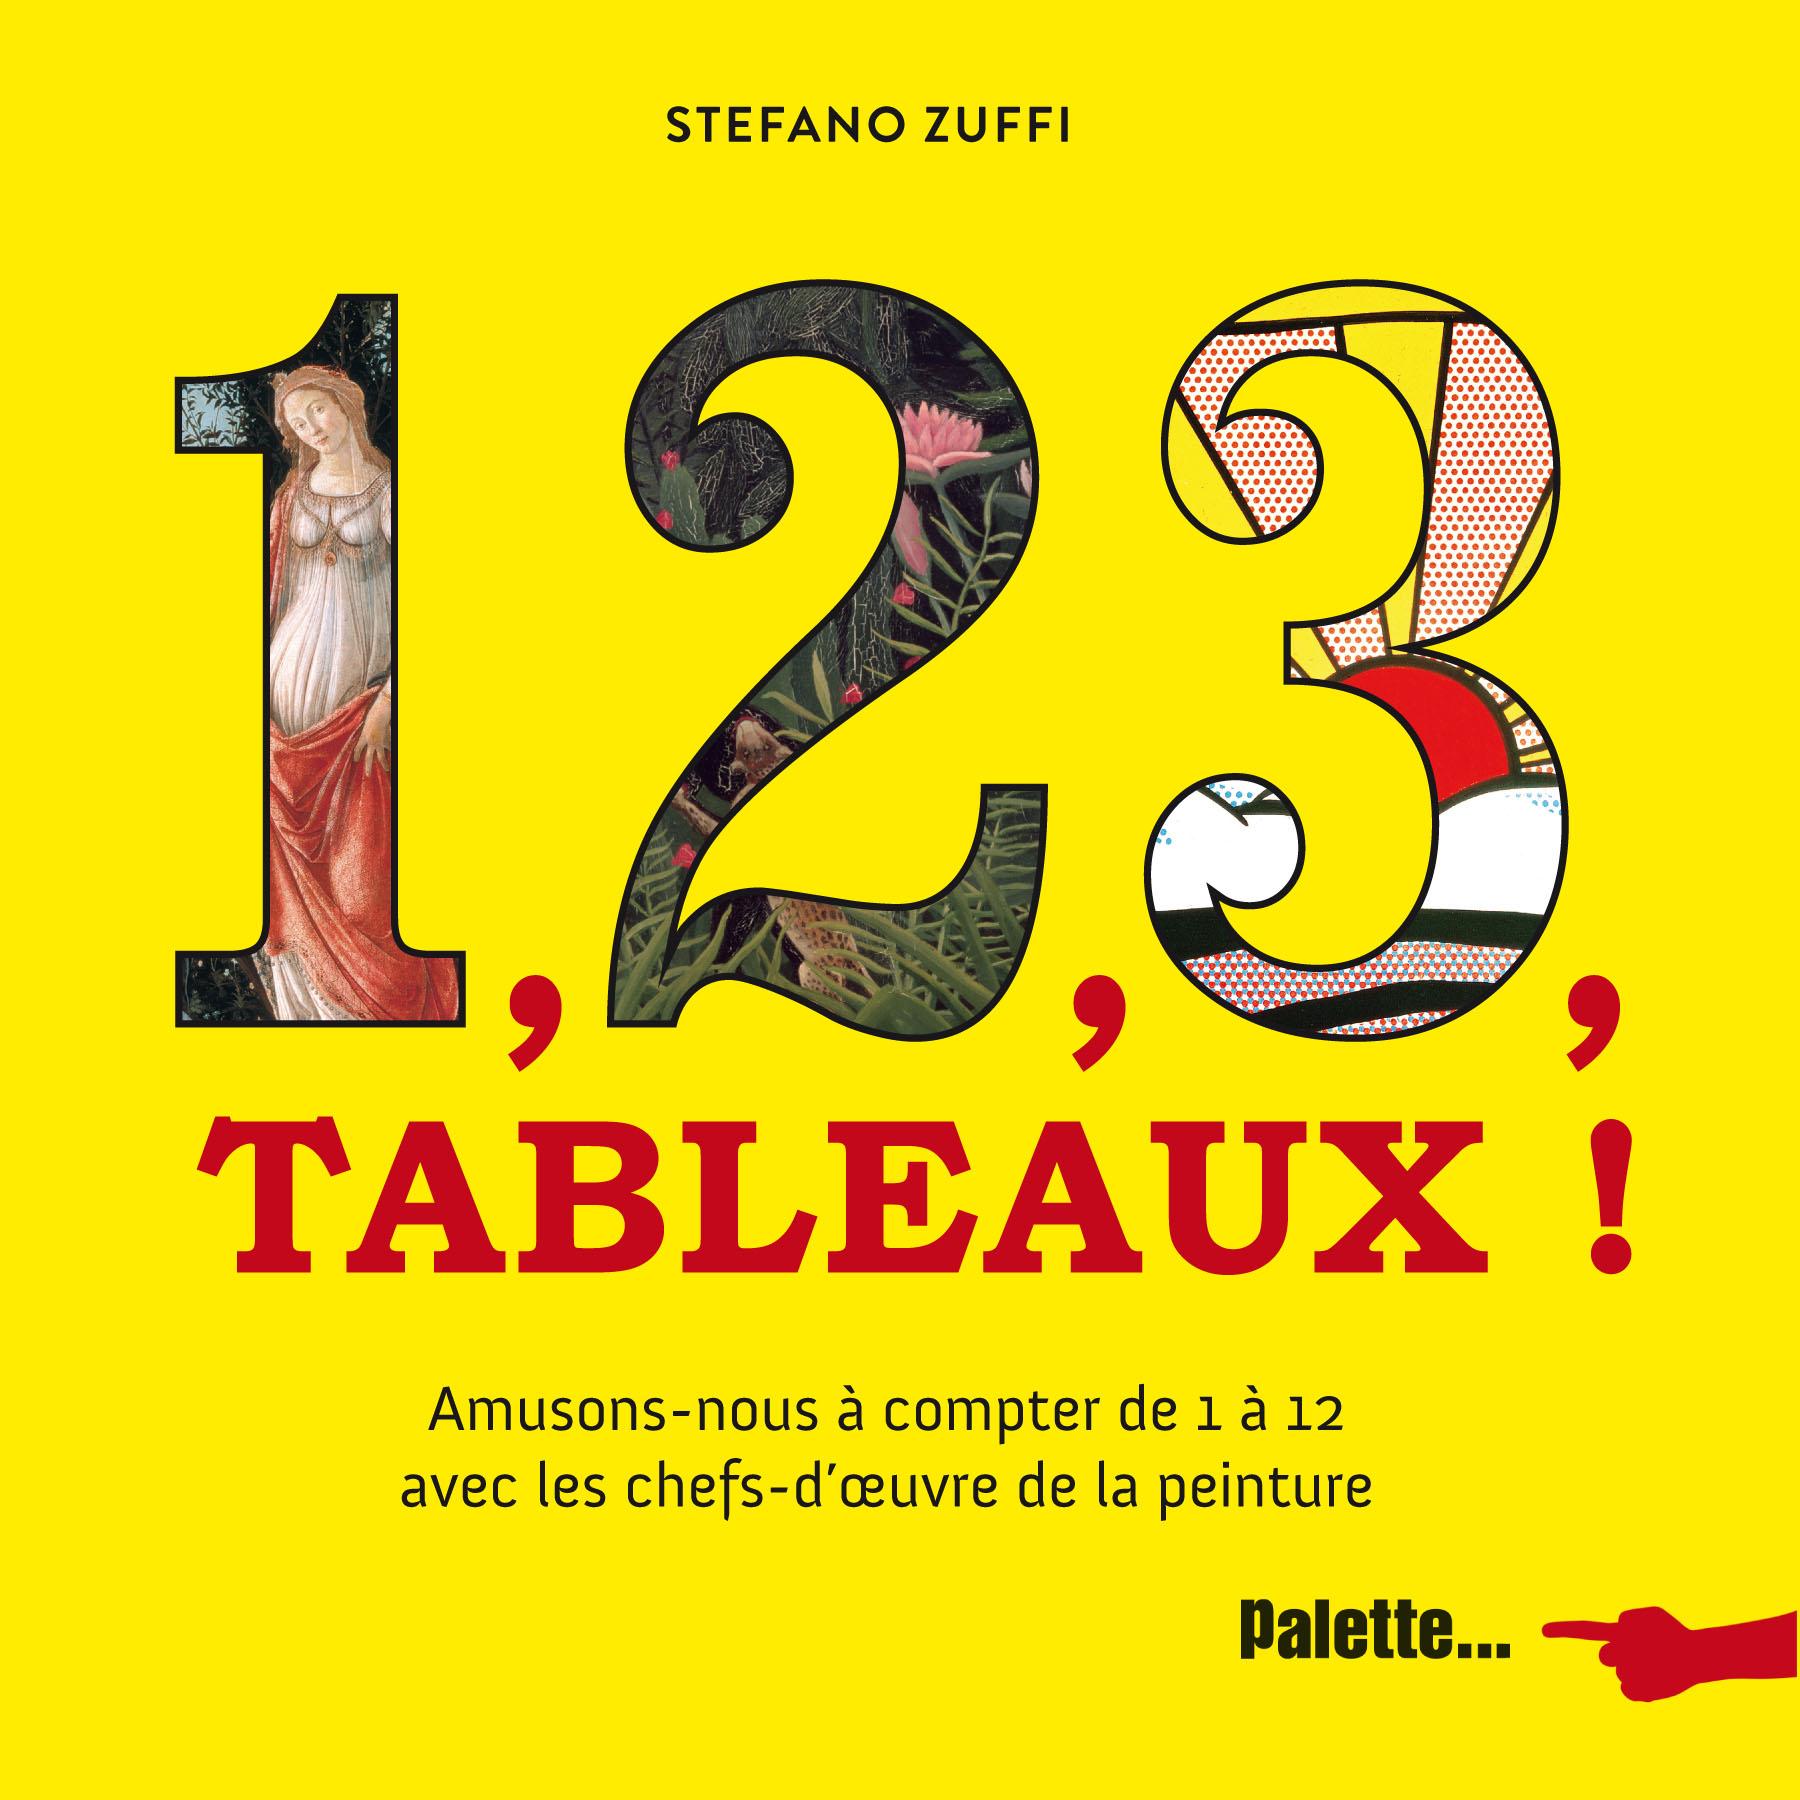 1,2,3 Tableaux!